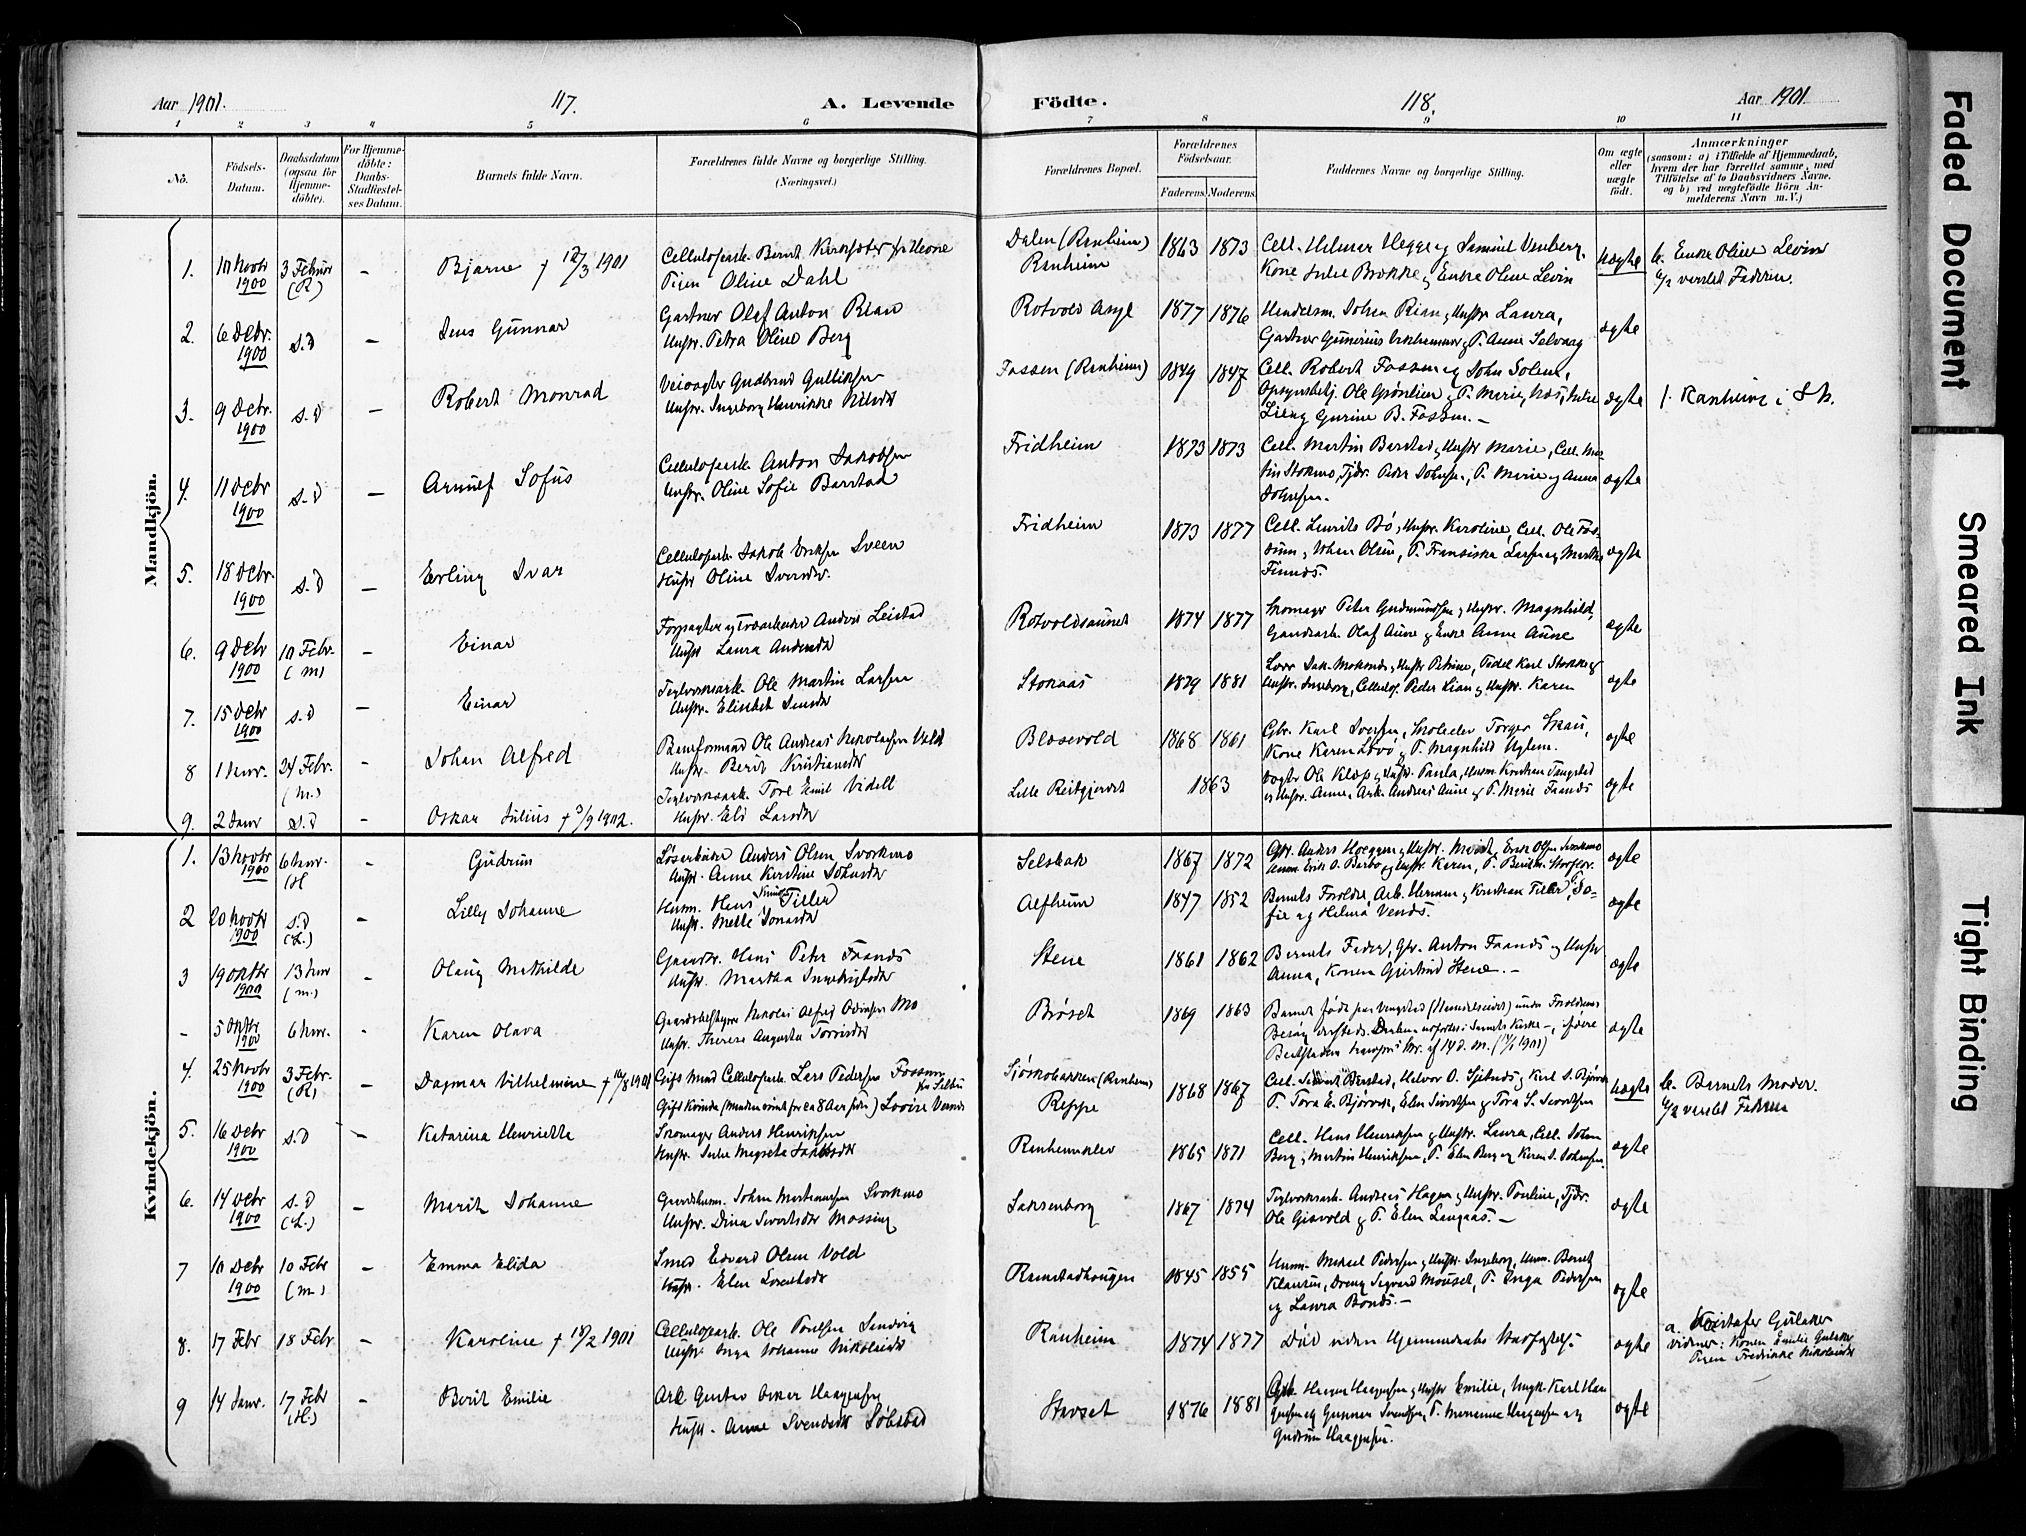 SAT, Ministerialprotokoller, klokkerbøker og fødselsregistre - Sør-Trøndelag, 606/L0301: Ministerialbok nr. 606A16, 1894-1907, s. 117-118